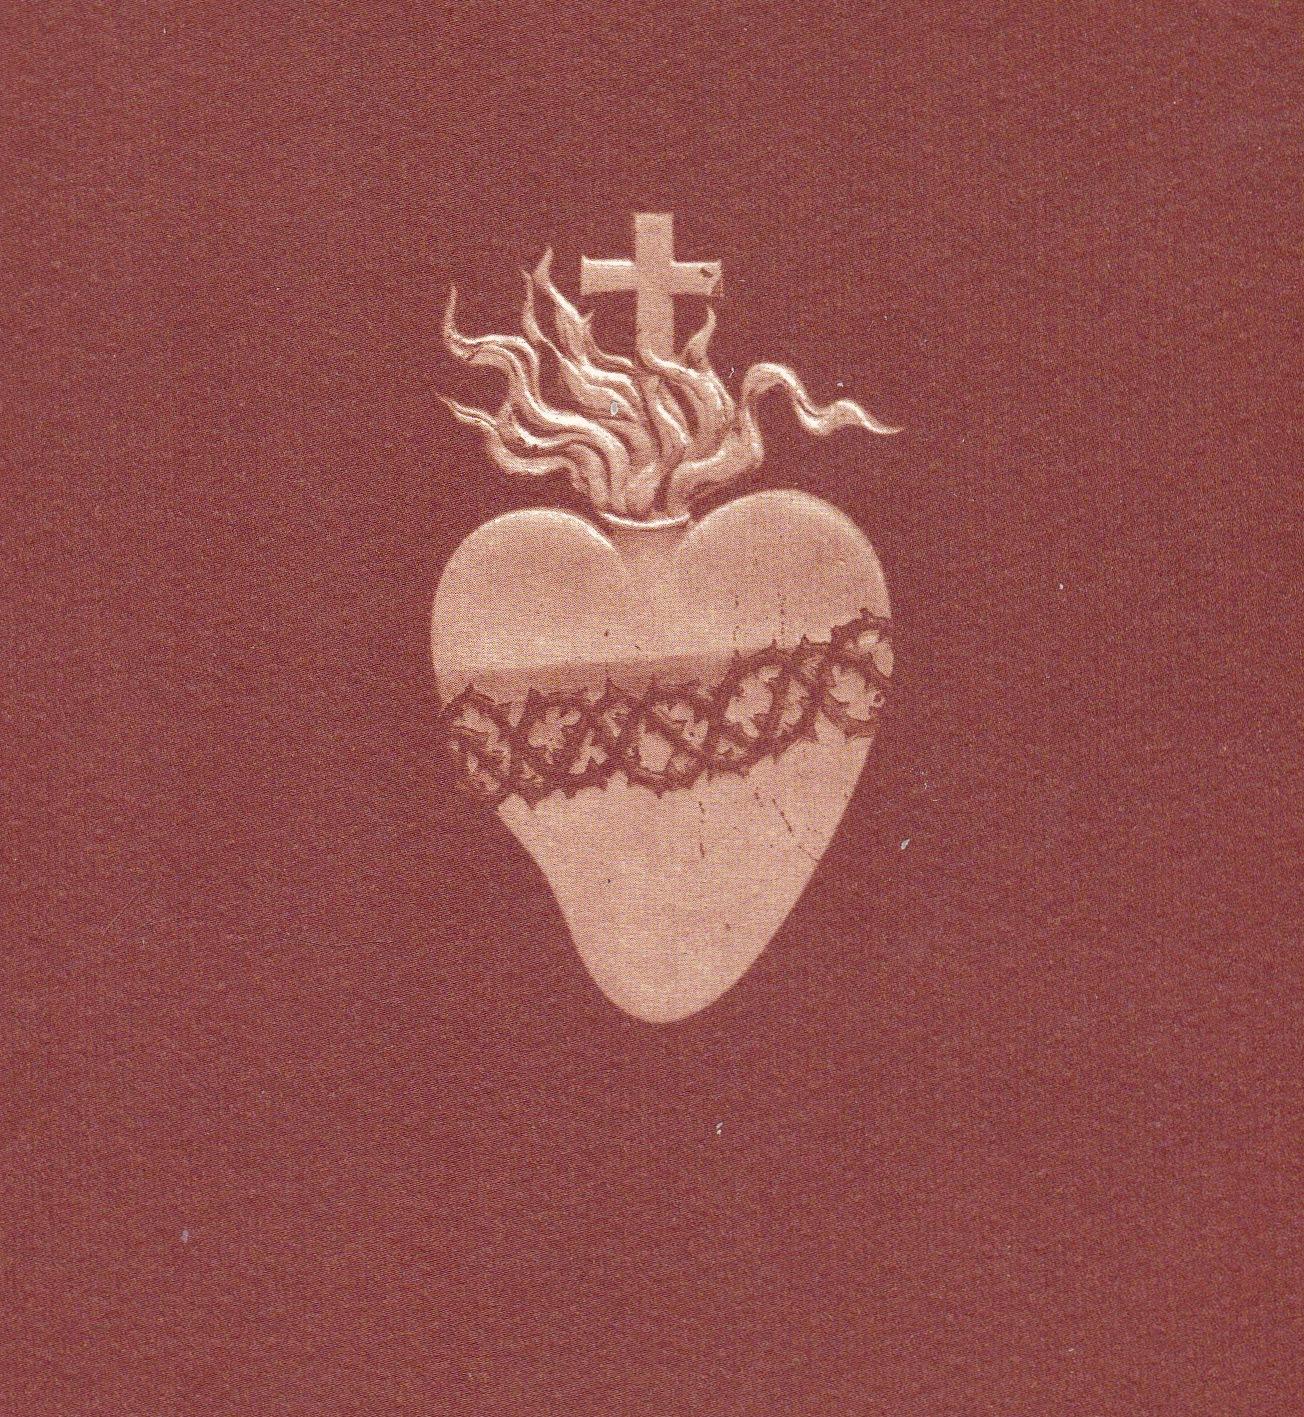 Il culto del Sacro Cuore: tradizione e universalità di un simbolo (Parte I) – Walter Venchiarutti